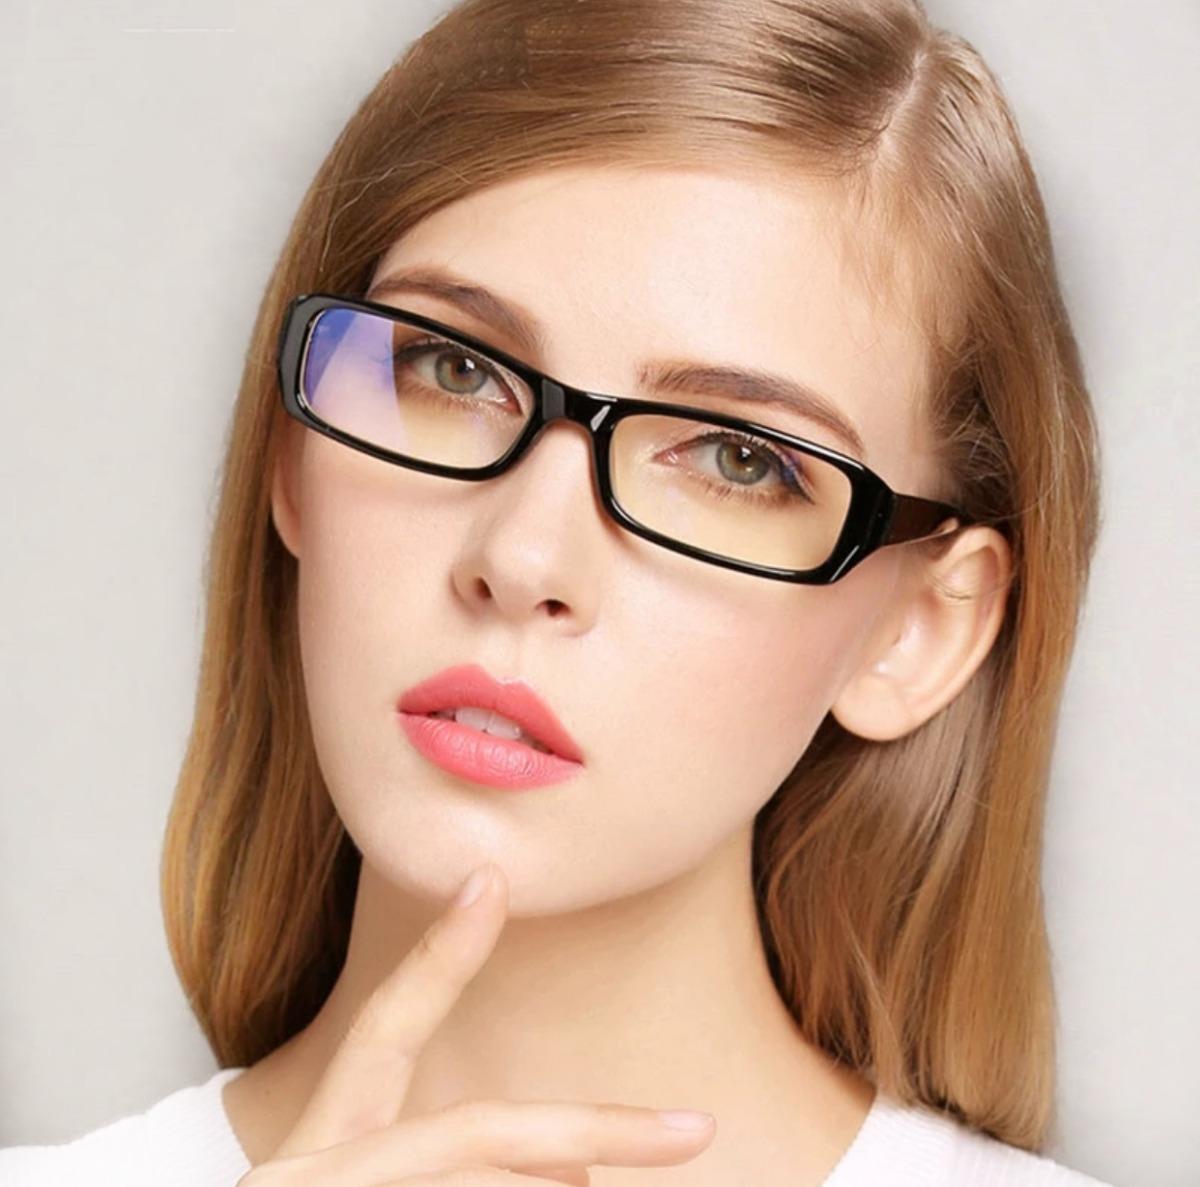 b26f4e1b98f79 armação óculos de grau feminino masculino pequeno preto. Carregando zoom.